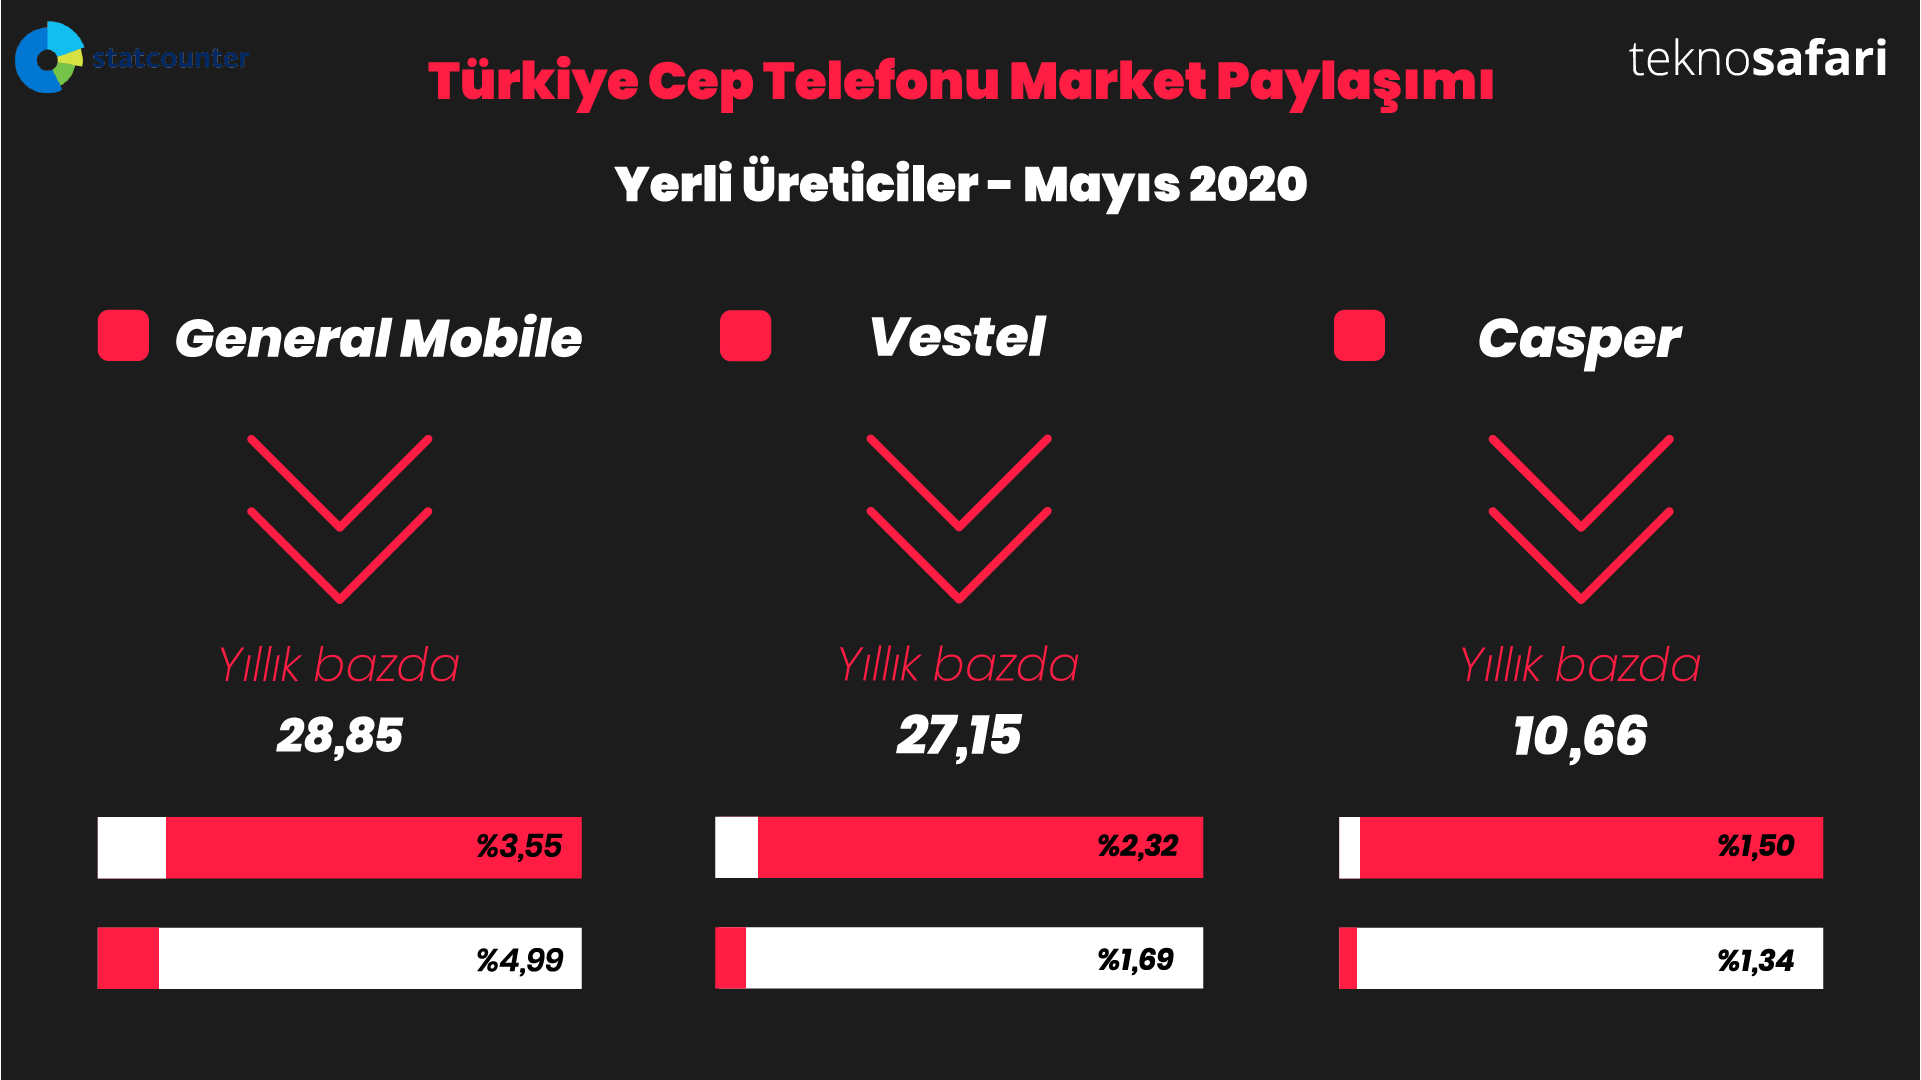 Yerli cep telefonu market pazarı Mayıs 2020